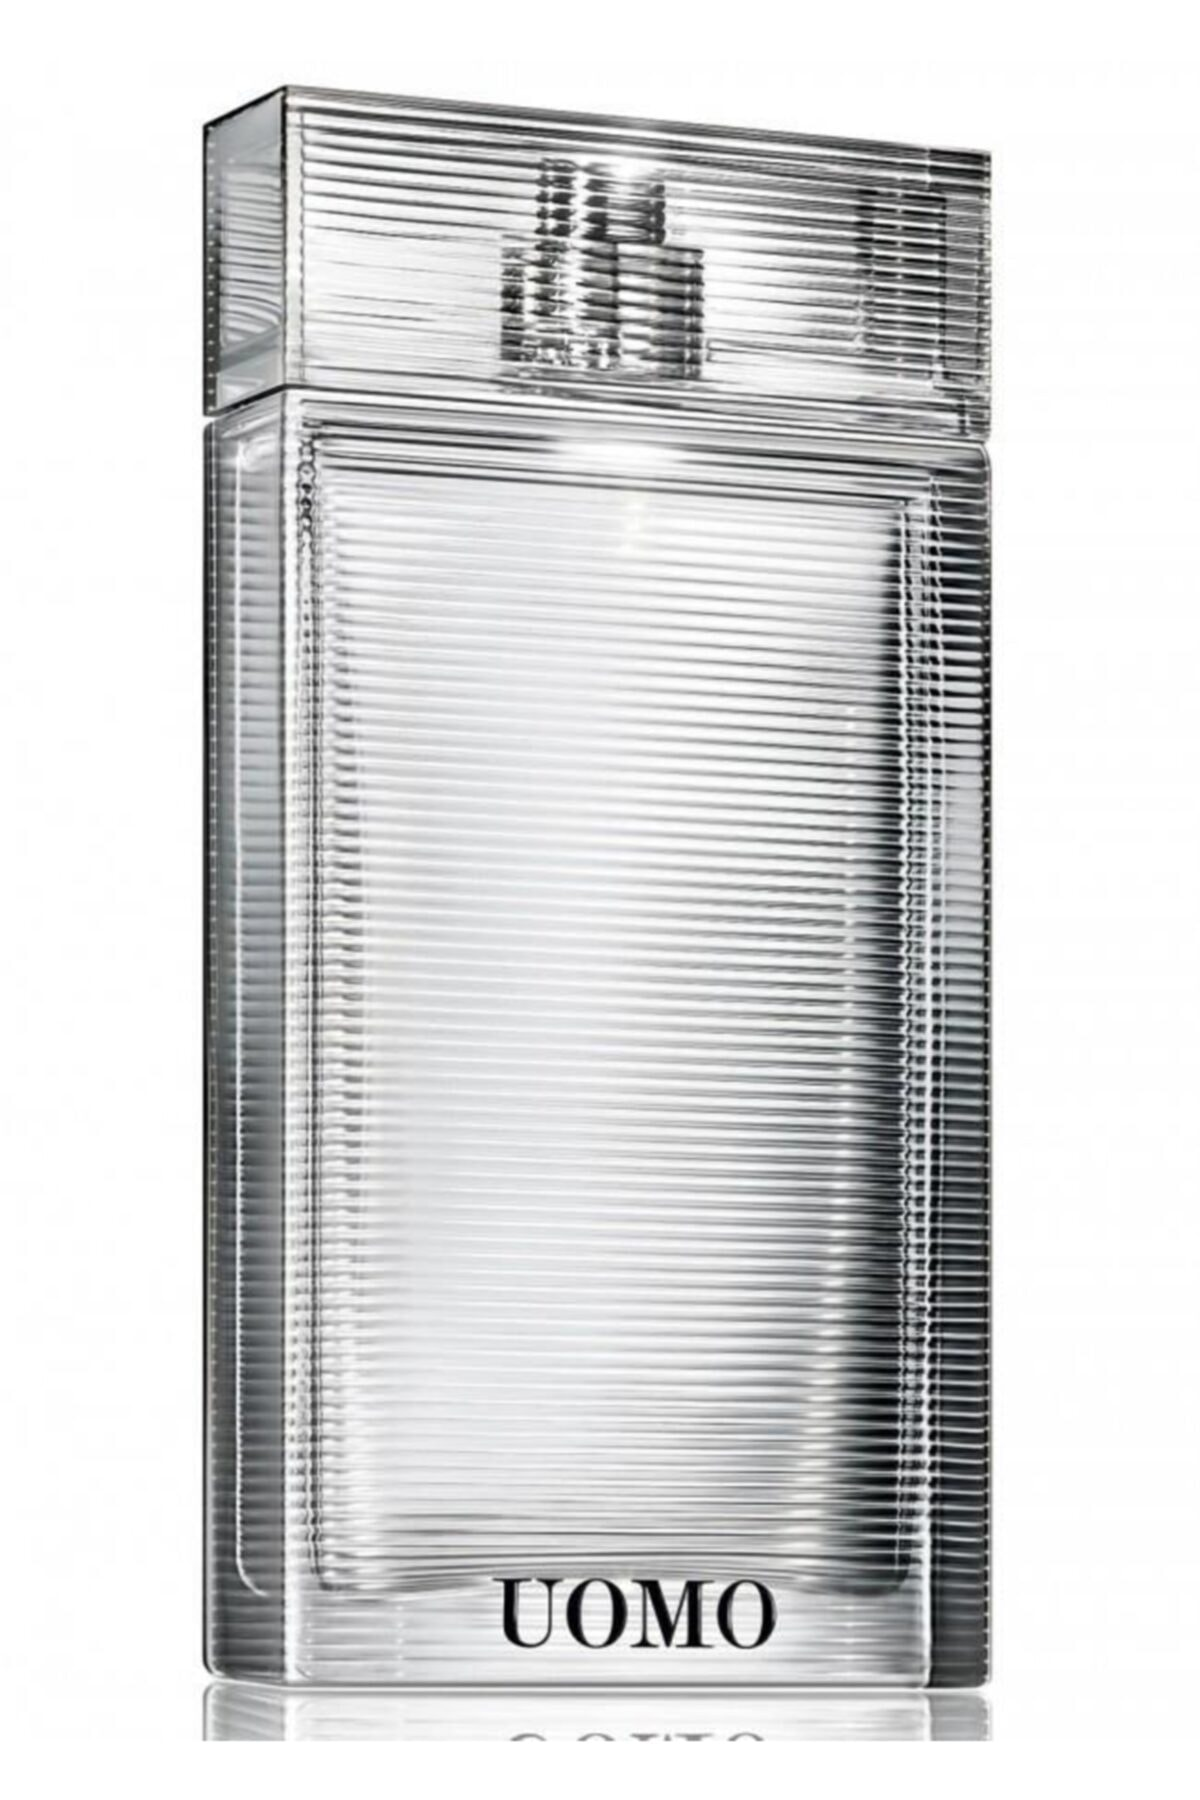 ZEGNA Uomo Edt 100 Ml Erkek Parfümü 022548274224 1